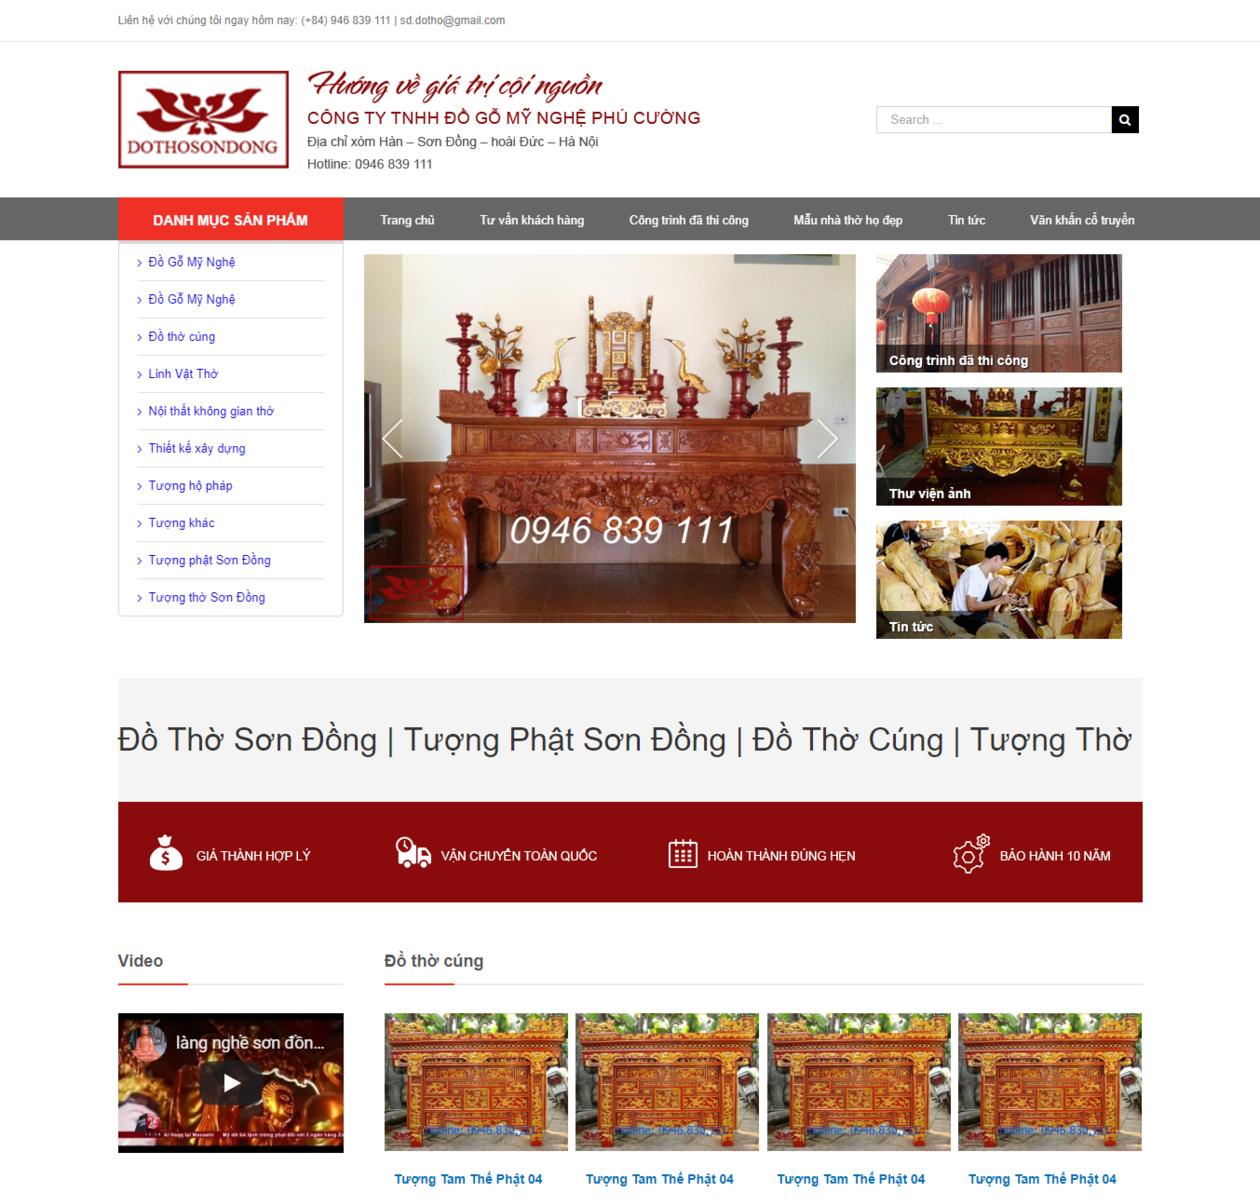 Mẫu web đồ thờ sơn đồng thumbnail